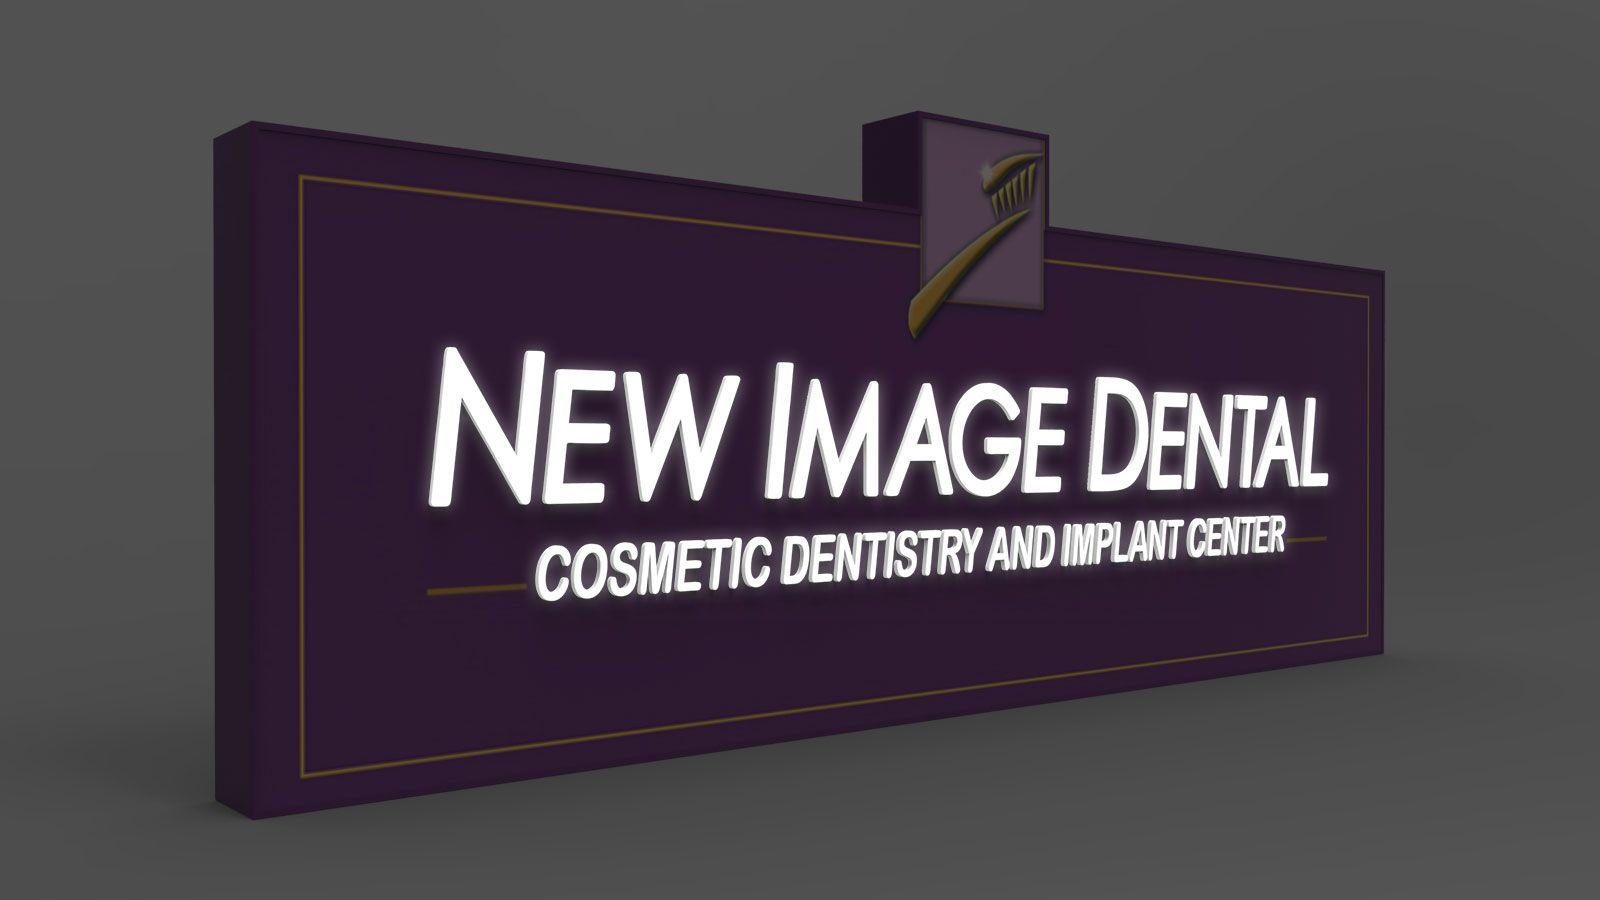 illuminated 3d rendering